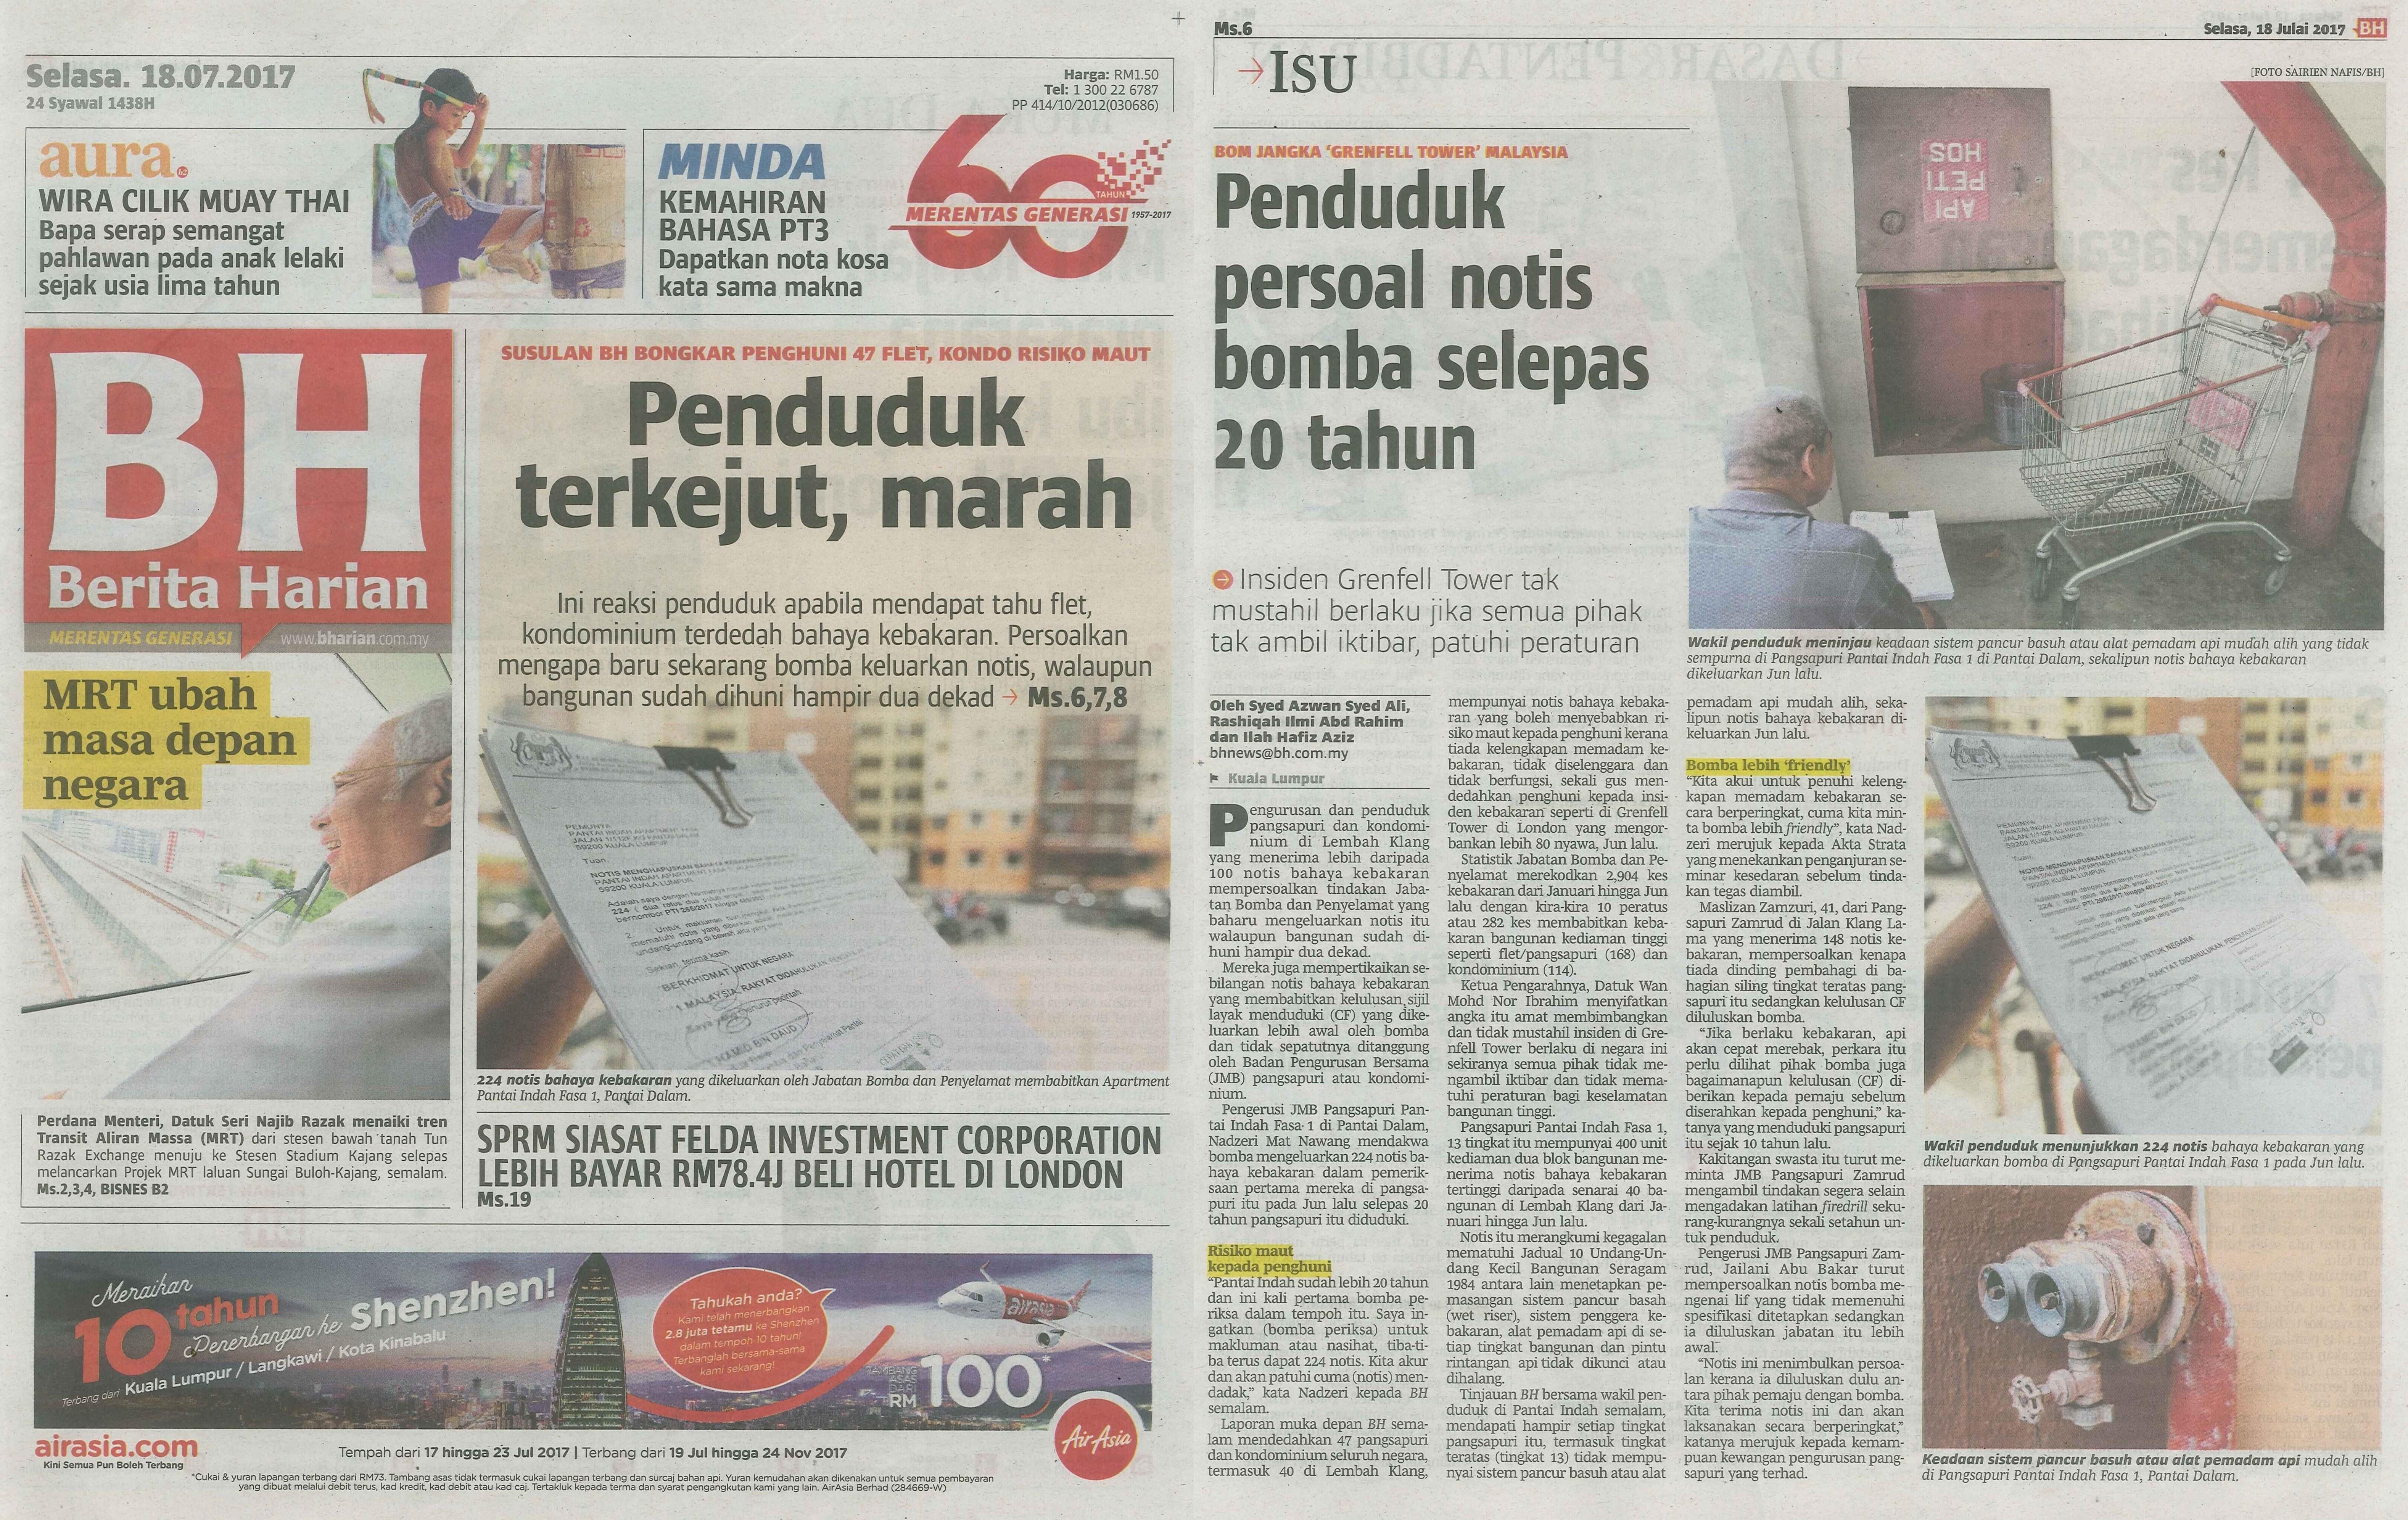 berita harian 18.7.2017